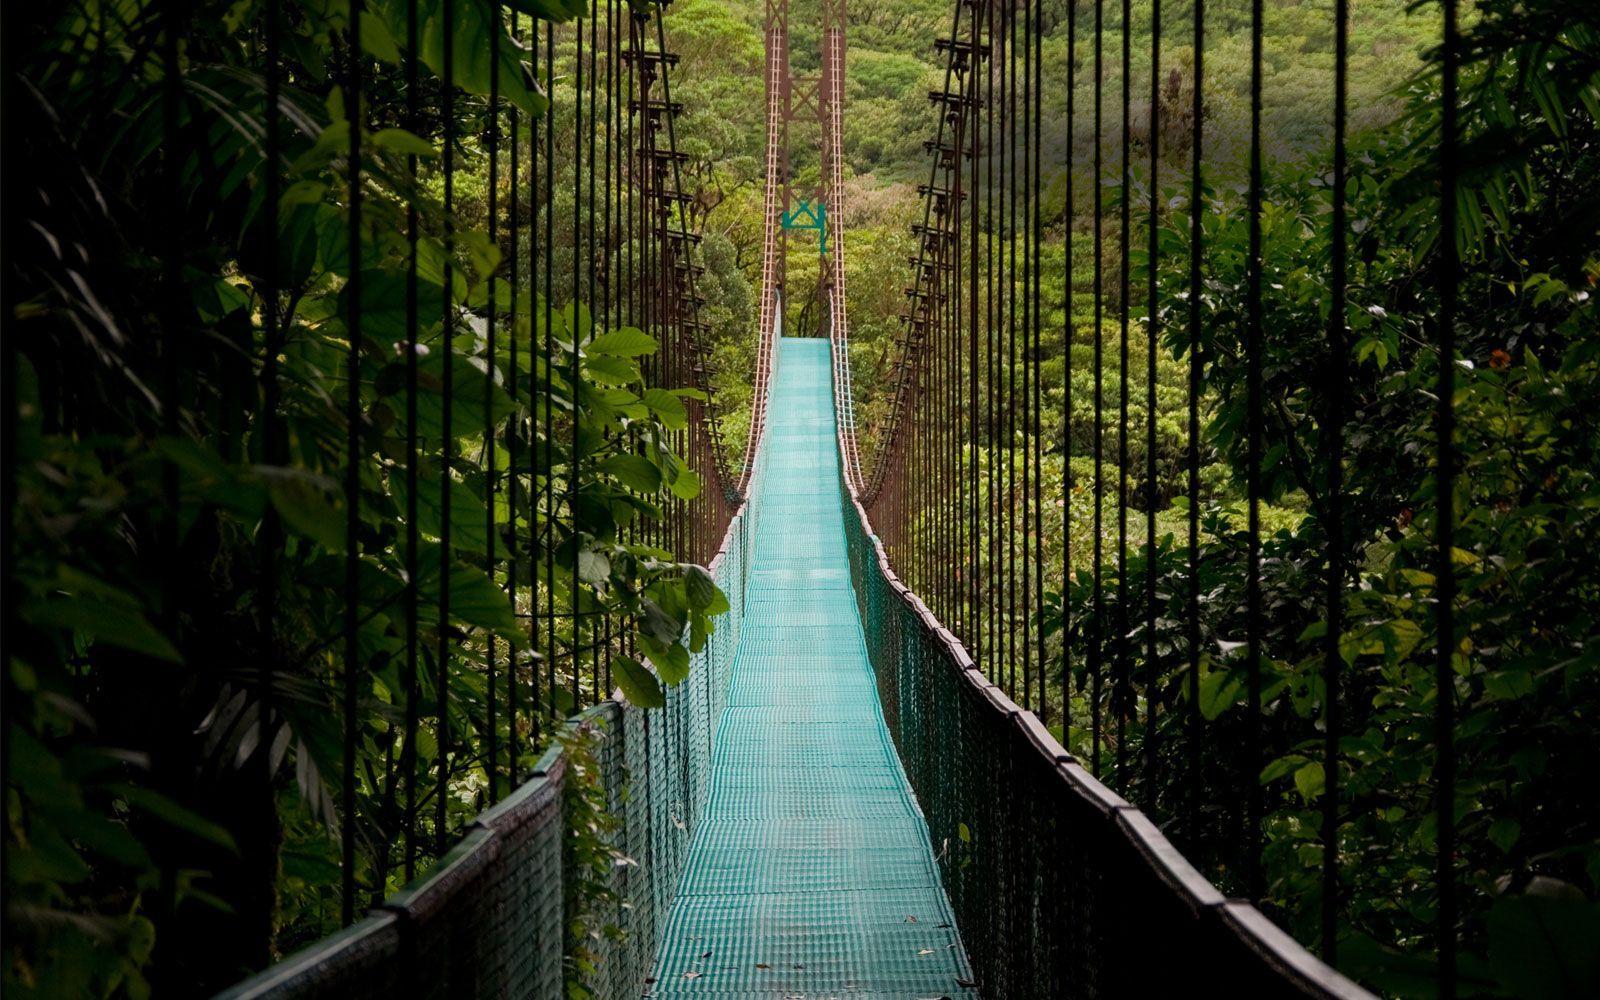 Puente Colgante del Arenal